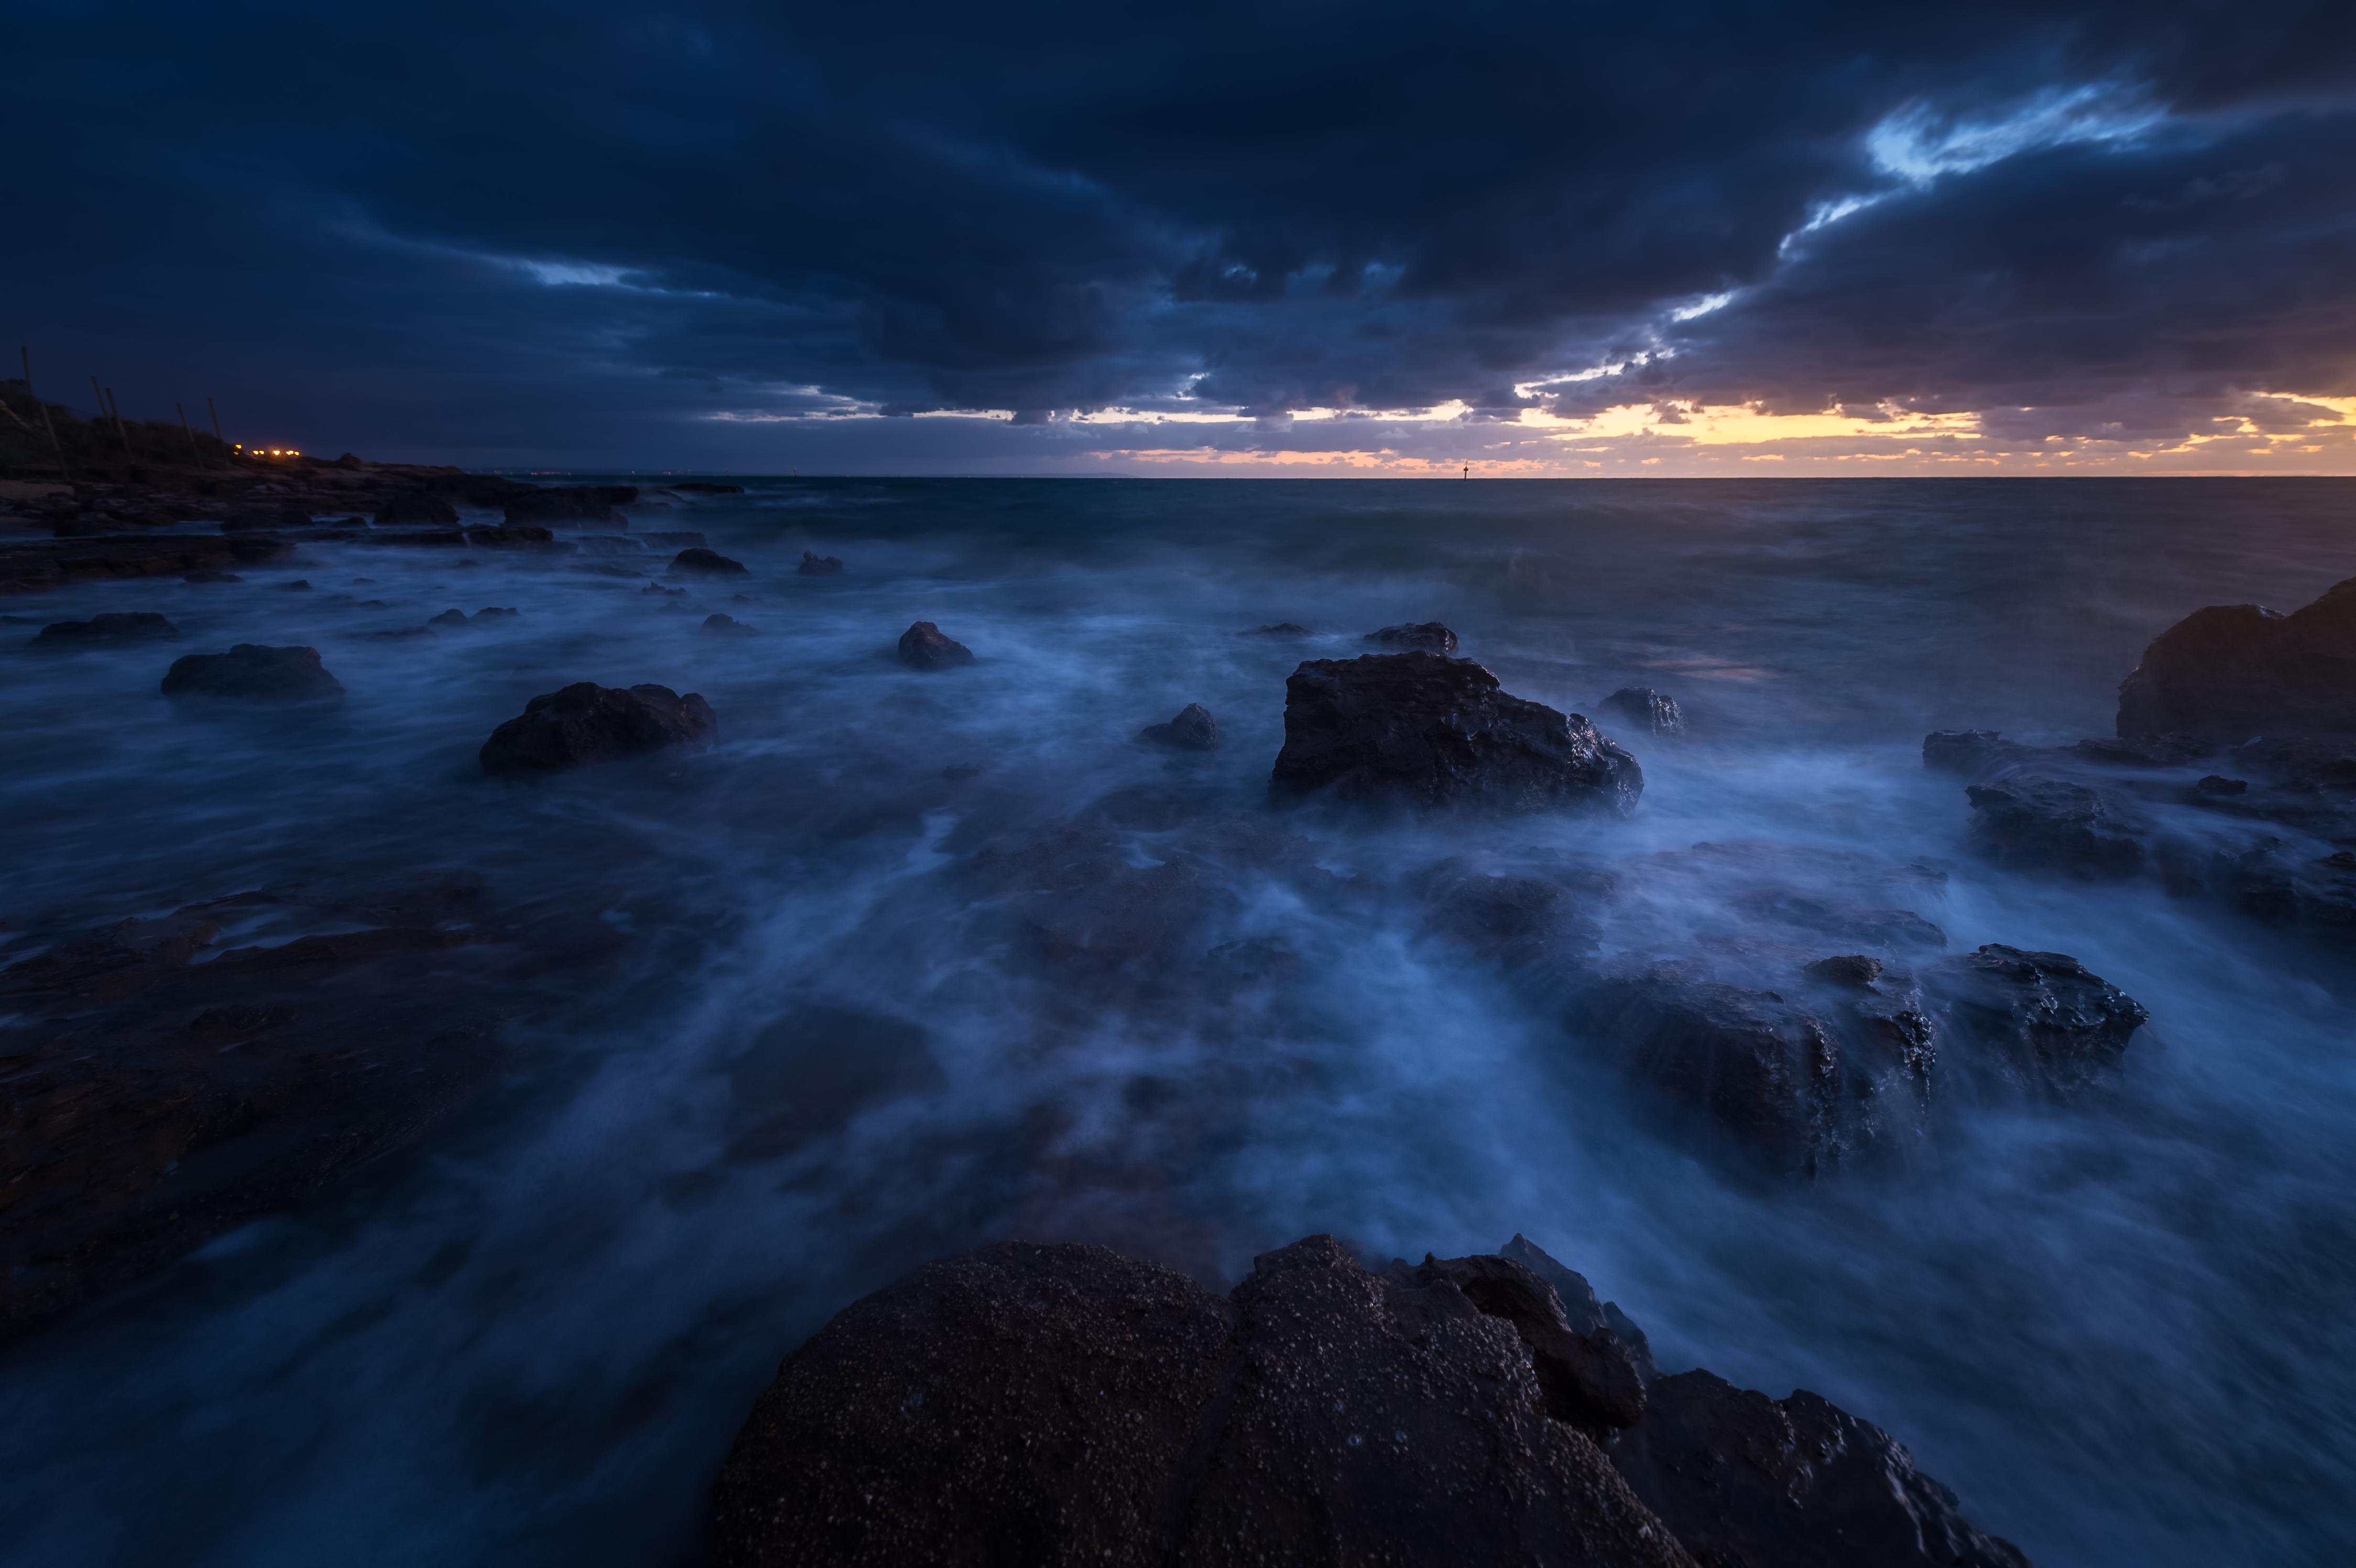 Картинки ночного океана